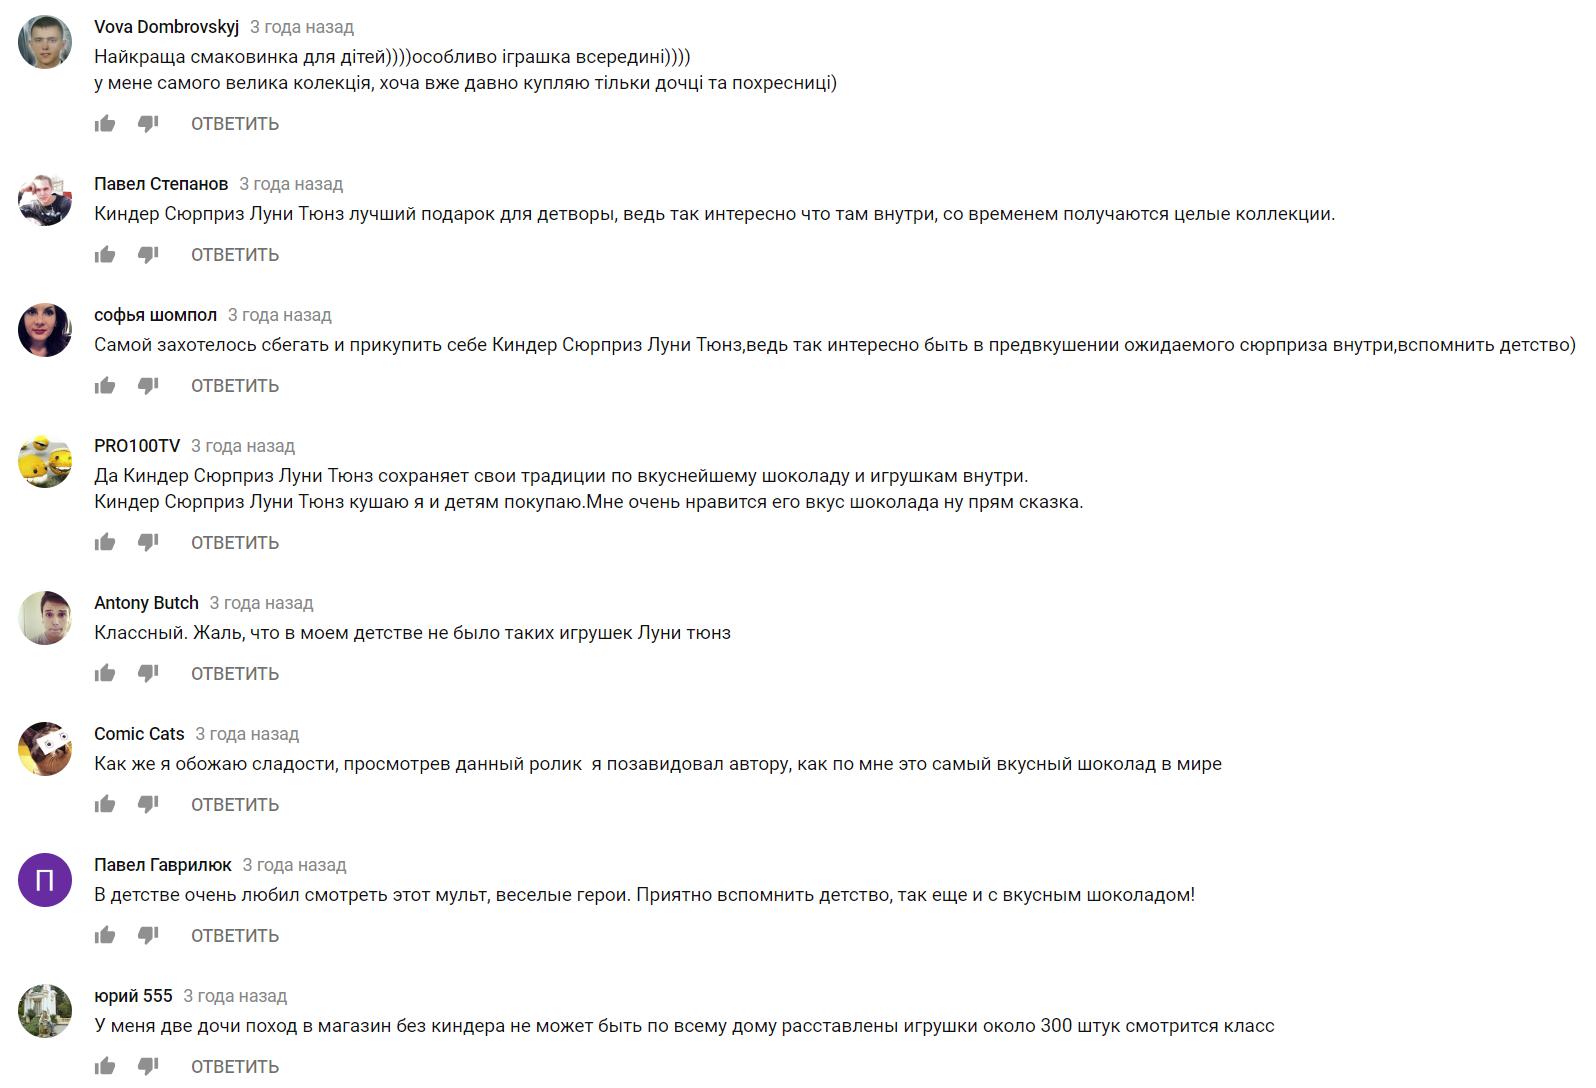 Как находить ботов на ютубе: внешние паттерны взаимодействия комментаторов - 9